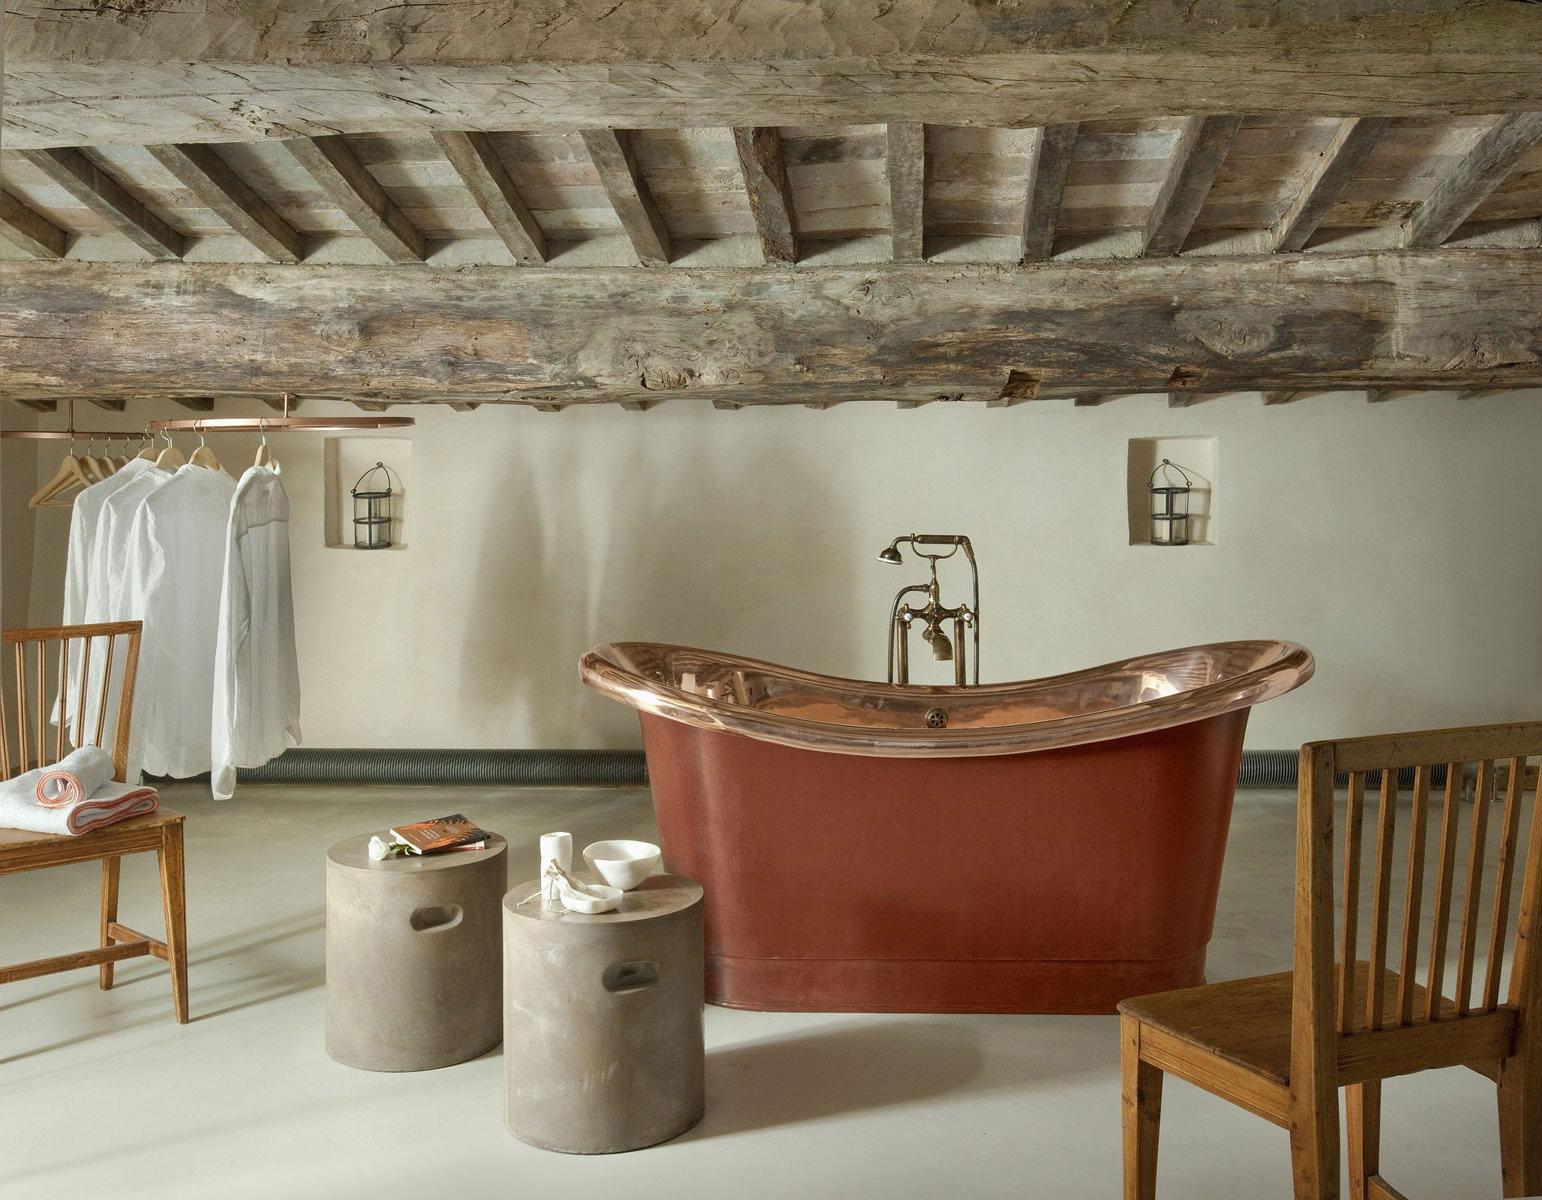 Ванная комната в стиле лофт. 13297.jpeg